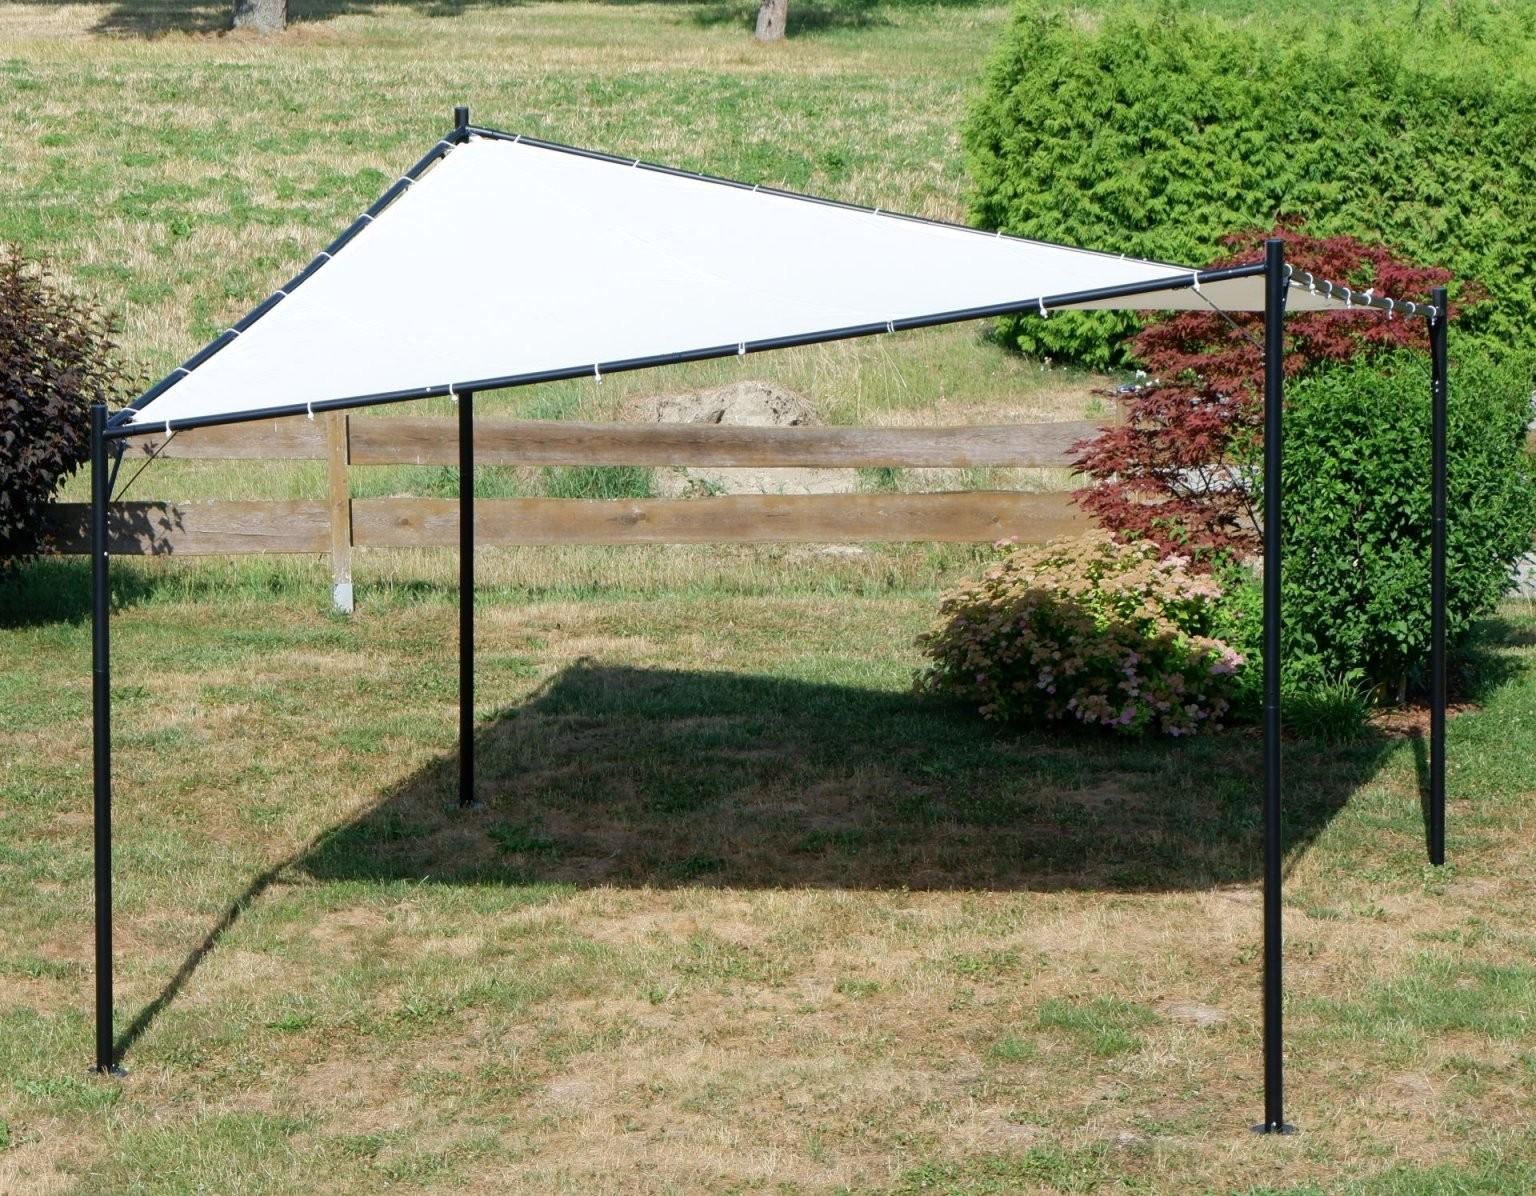 Pavillon Dach 4X4 Ersatzdach Pavillon 4X4 Wasserdicht Pavillon Mit von Ersatzdach Pavillon 4X4 Wasserdicht Bild